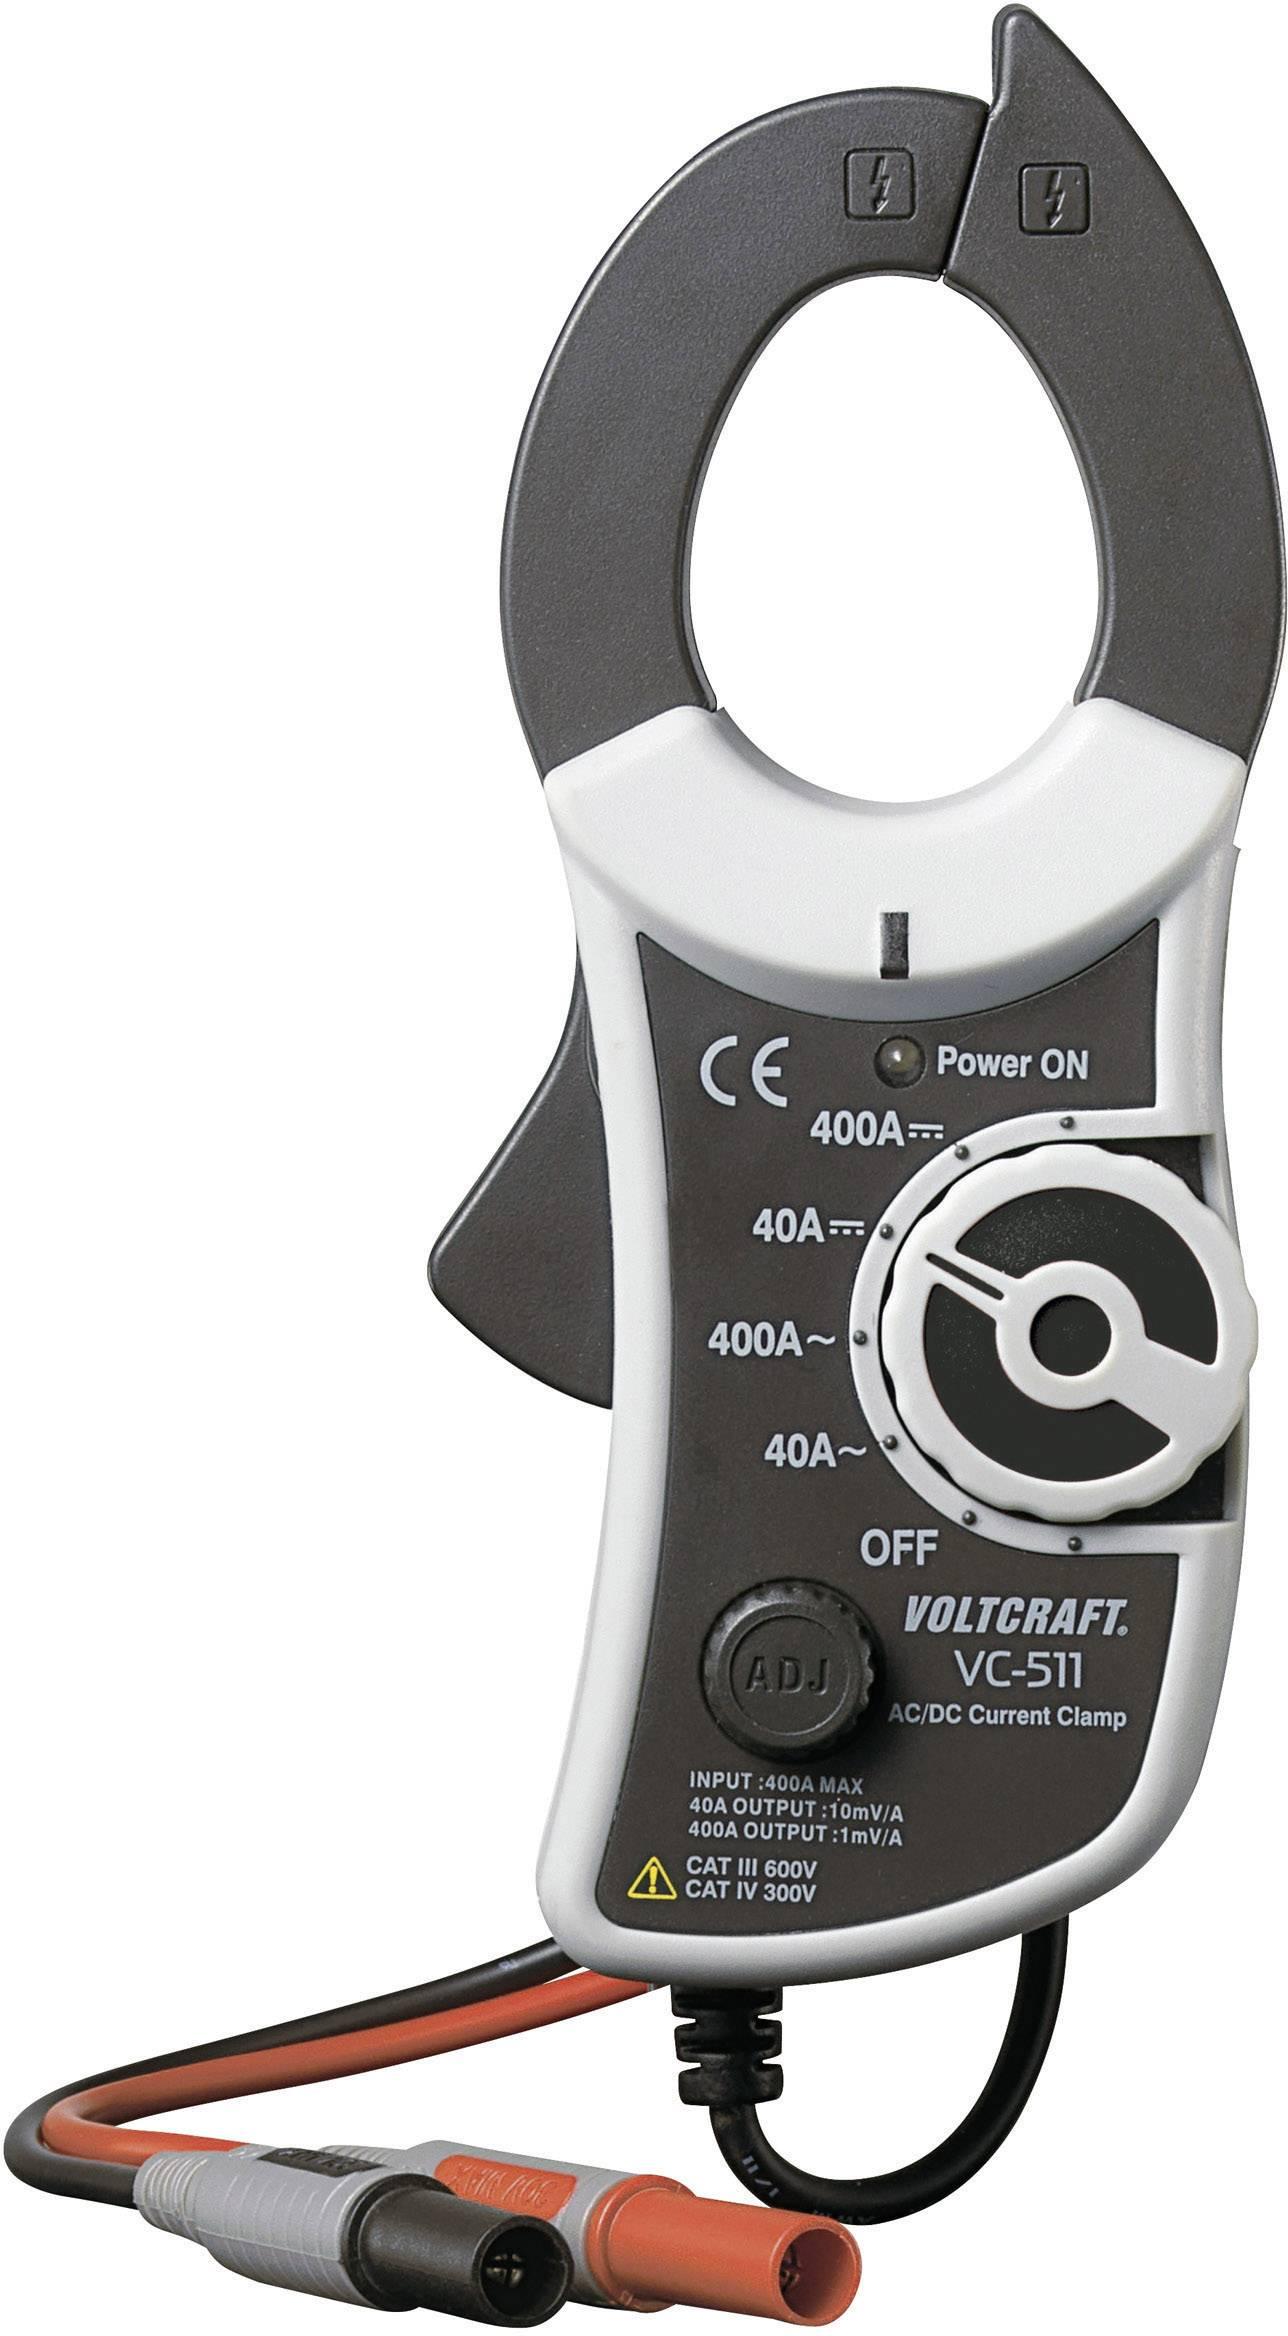 Klešťový proudový adaptér Voltcraft VC-511, AC